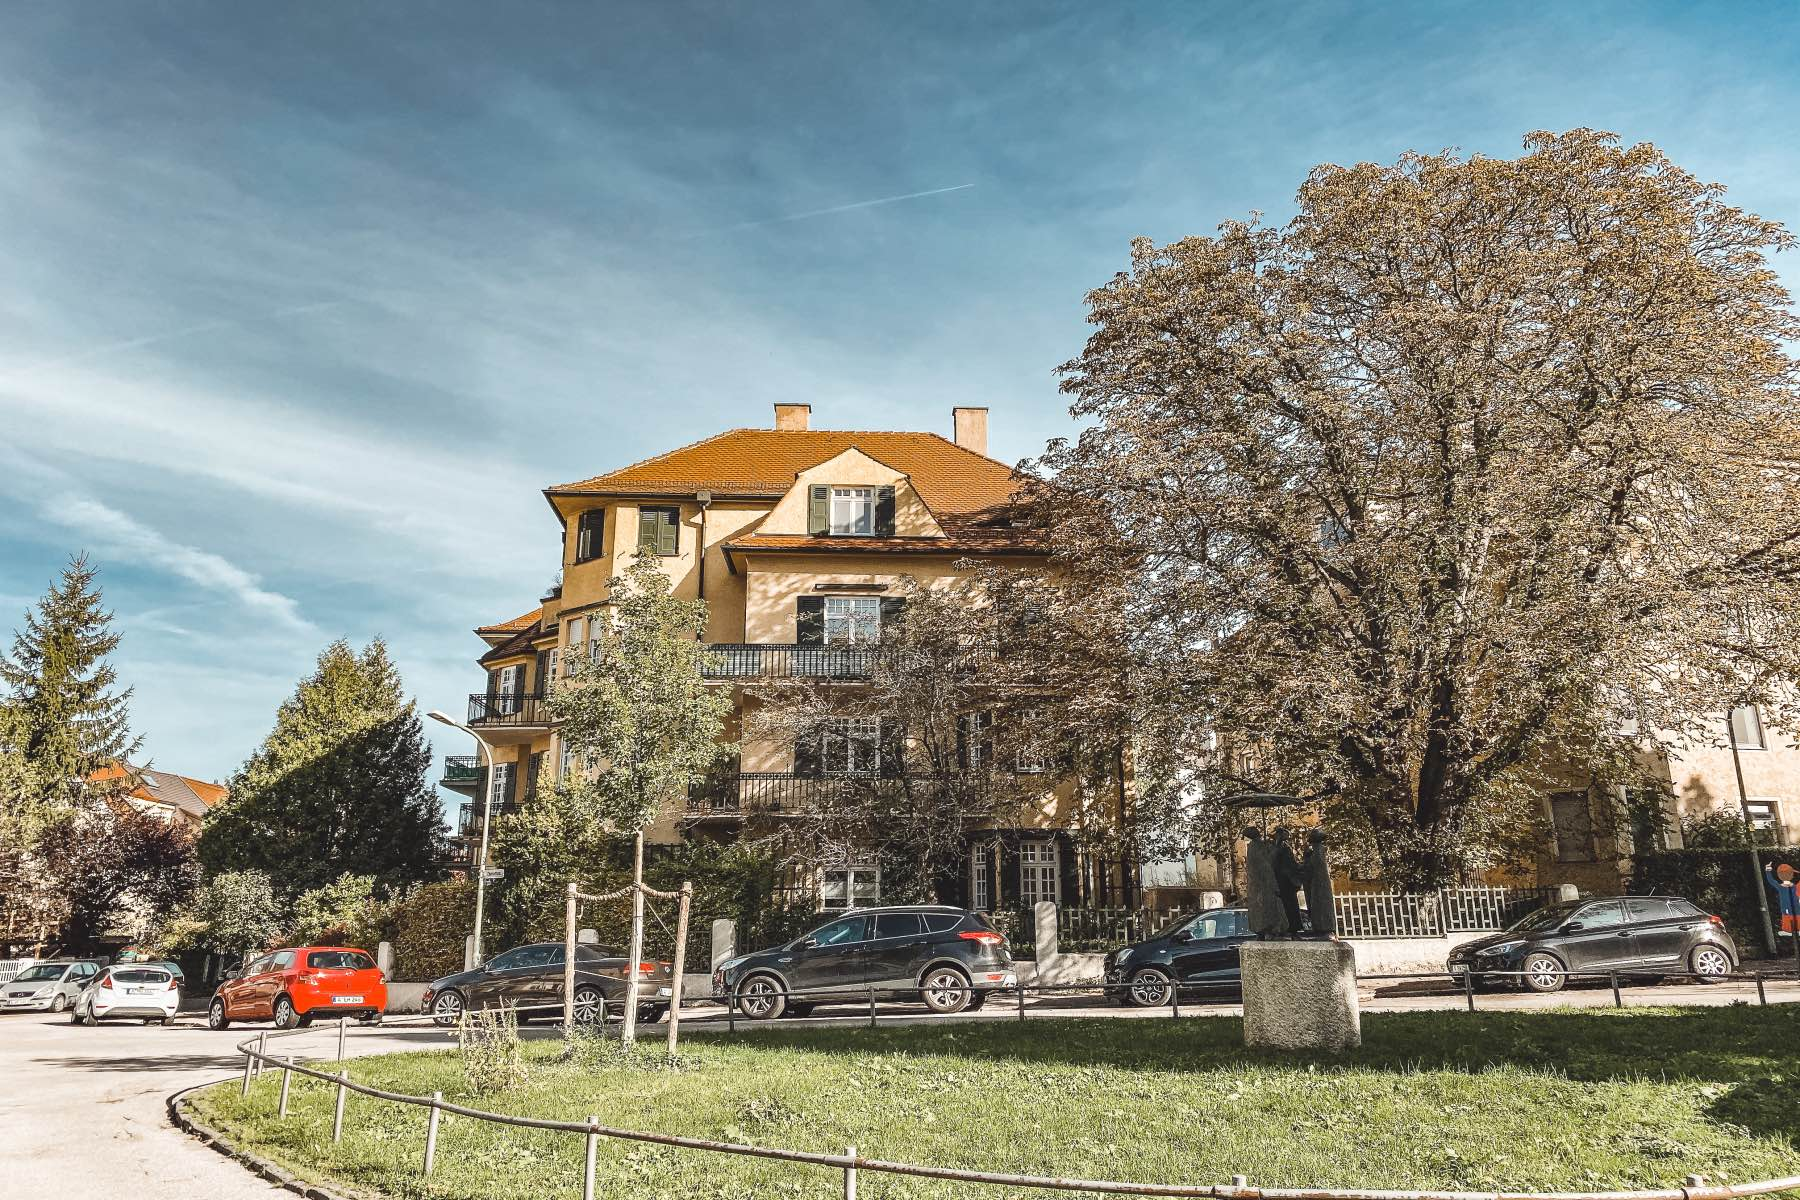 Augsburger Stadtteile Thelottviertel haus mit garten